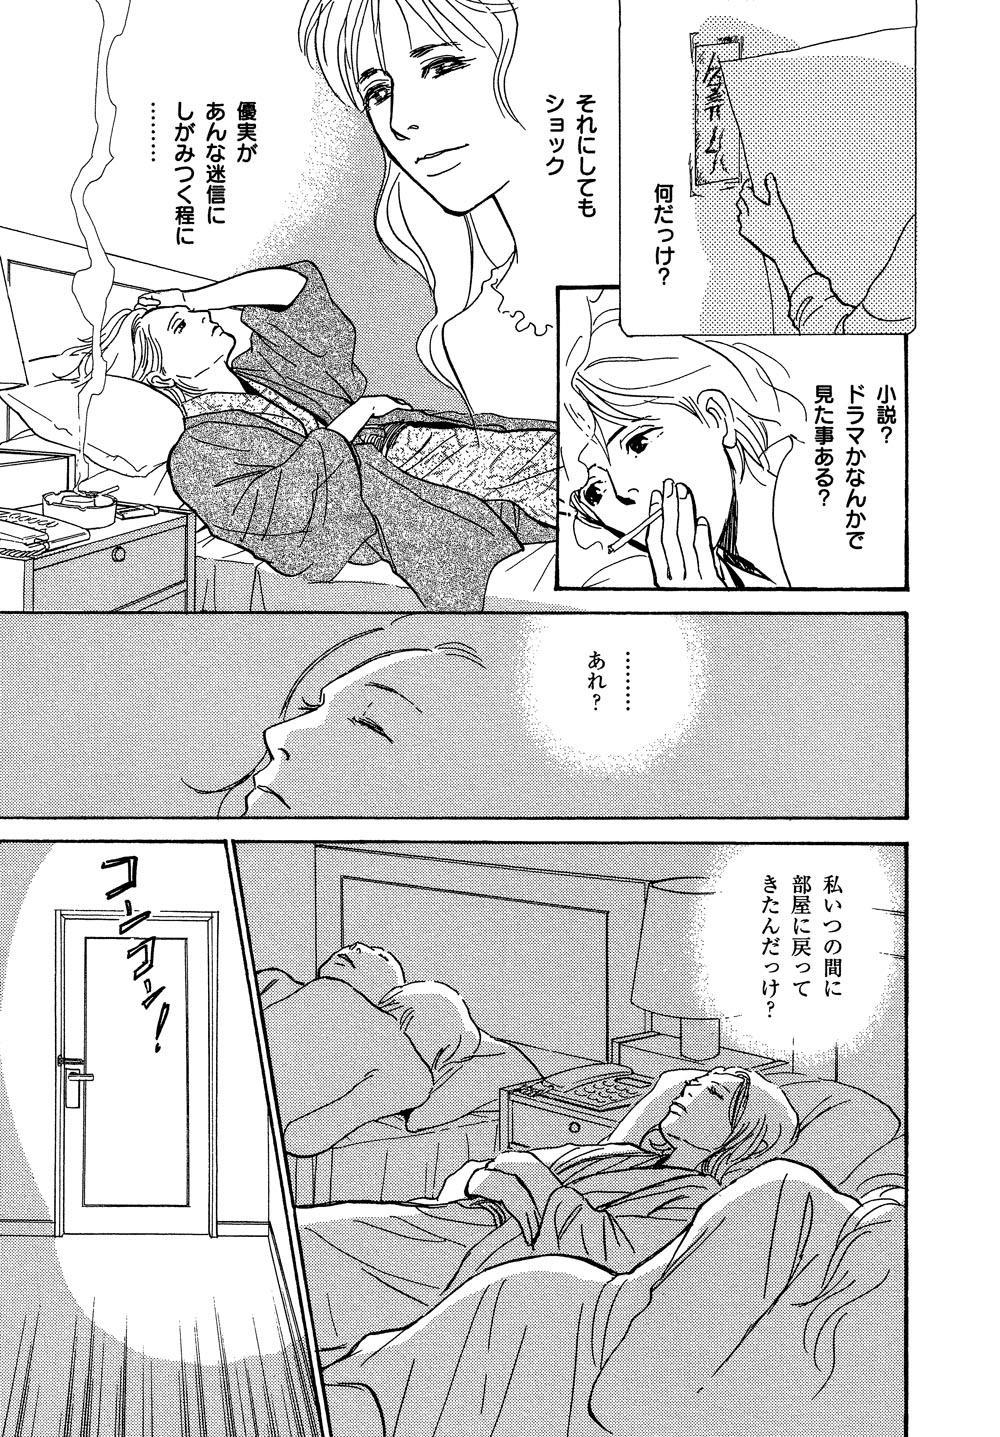 hyakki_0020_0017.jpg